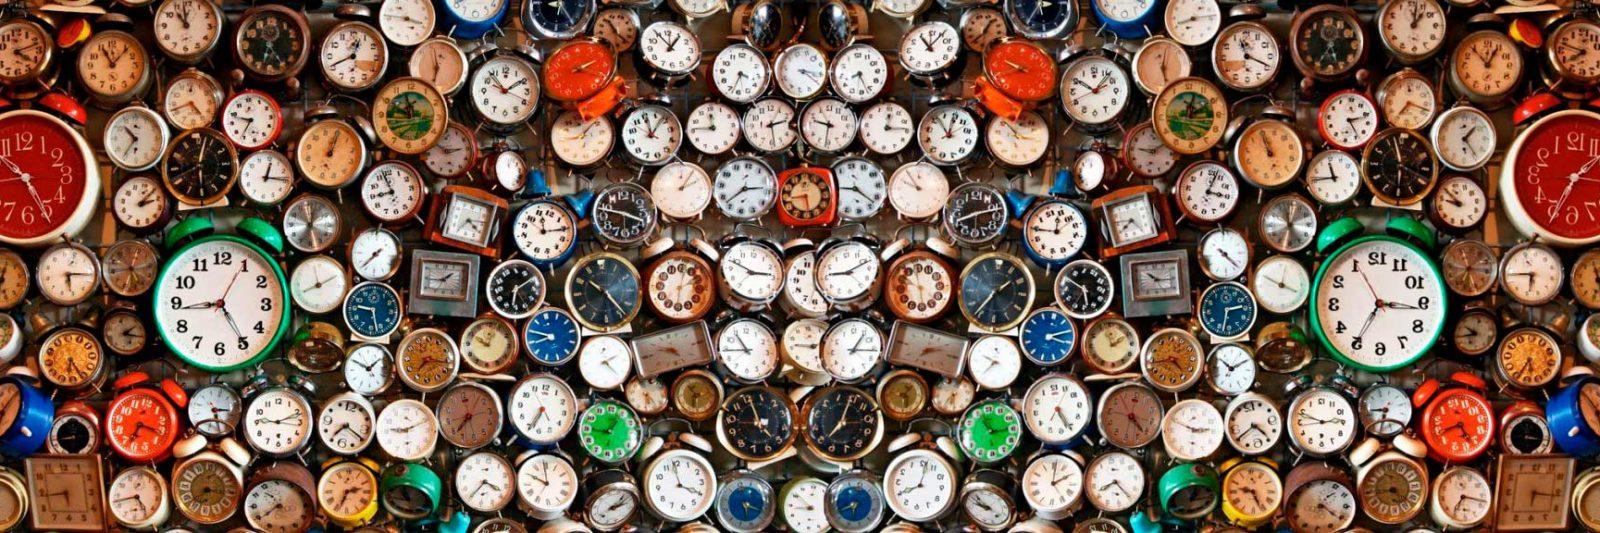 significado de las horas-fondo-2000x576